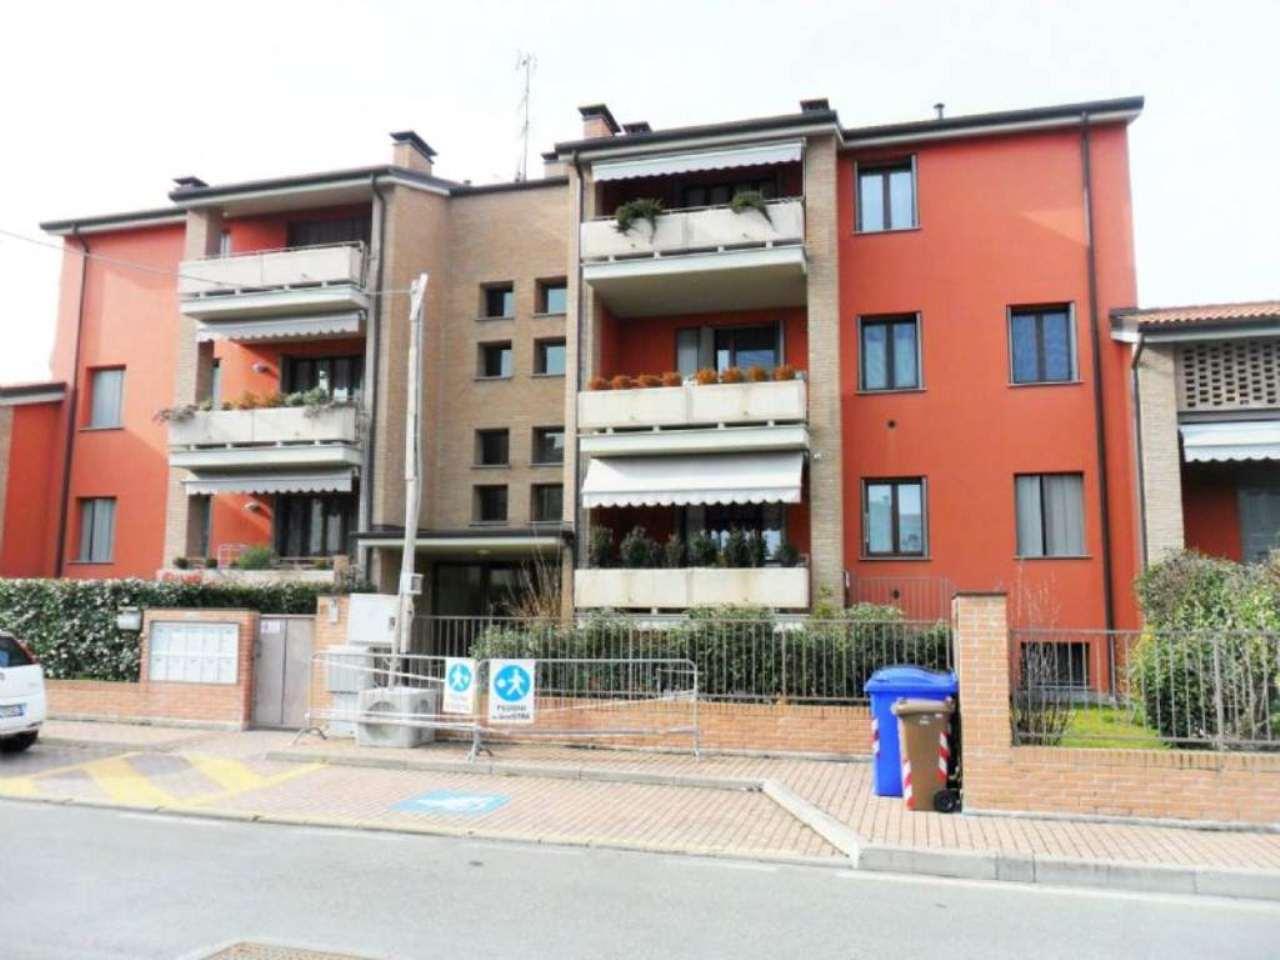 Appartamento in vendita a Noceto, 3 locali, Trattative riservate | Cambio Casa.it